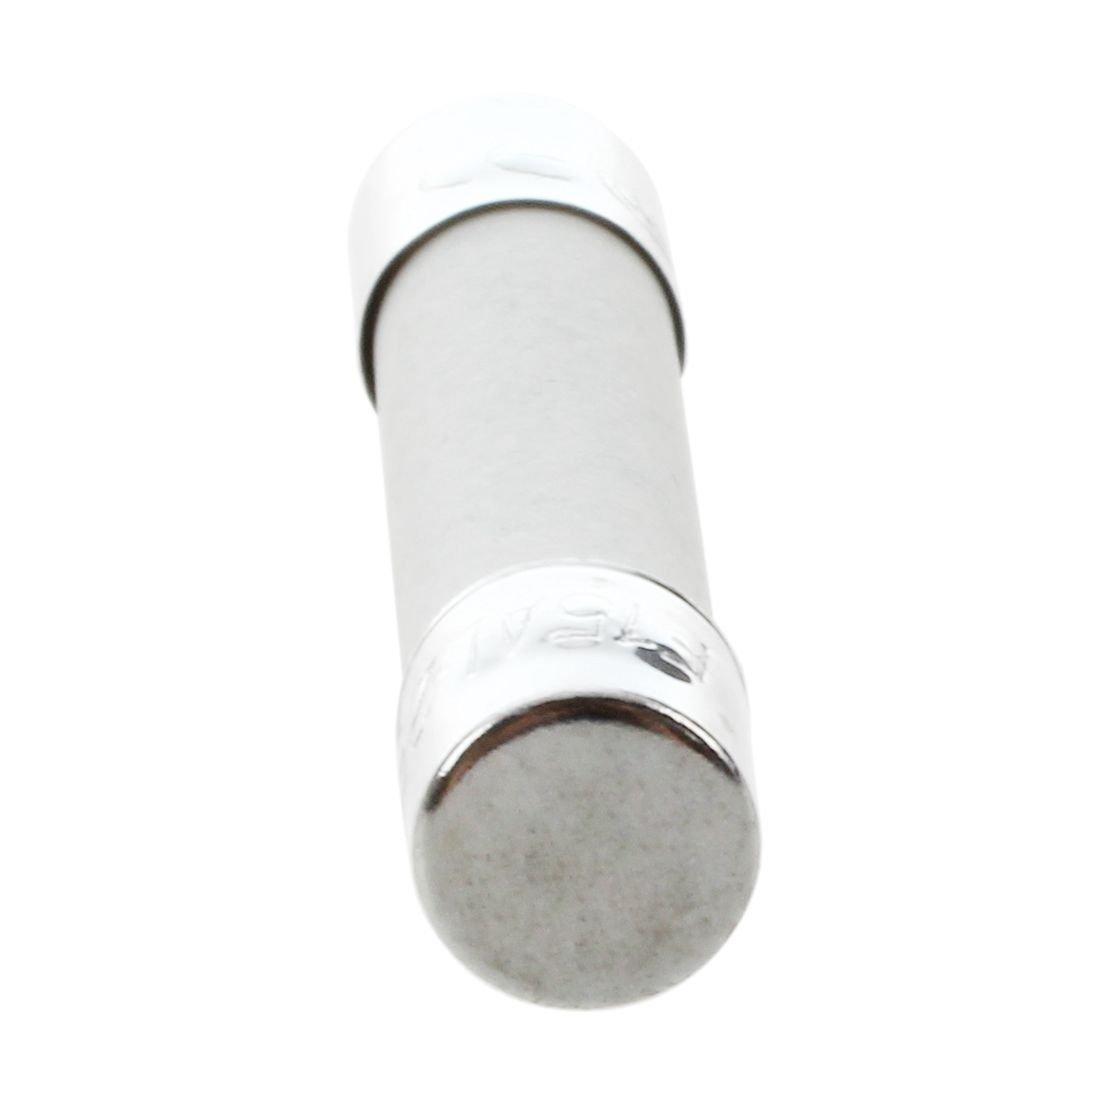 JK-2 10 Pcs AC 250V 16A Tube Fusible Coup Cylindrique Tube en C/éramique Fusible 6x30mm